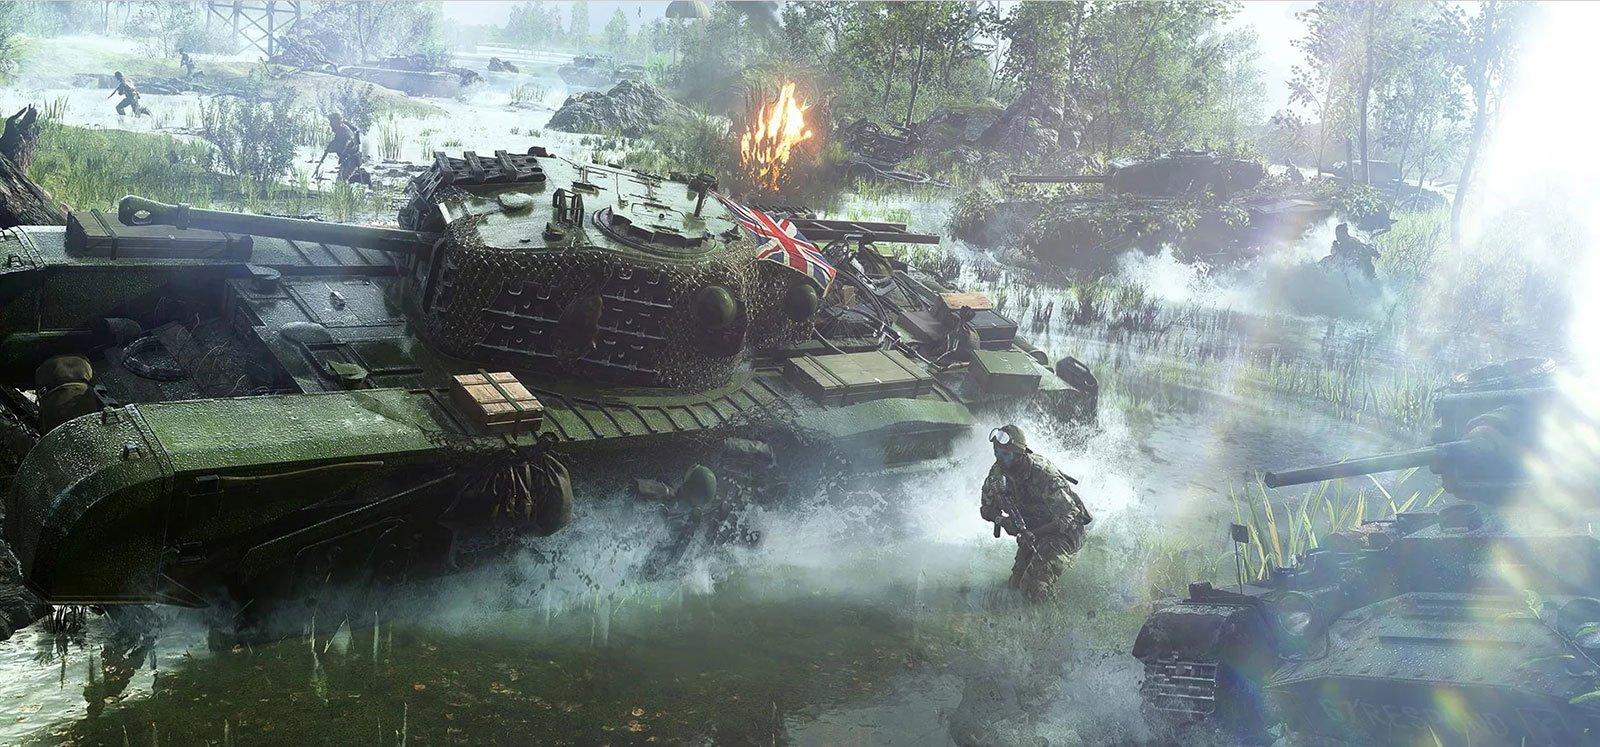 Battlefield 5 WW2